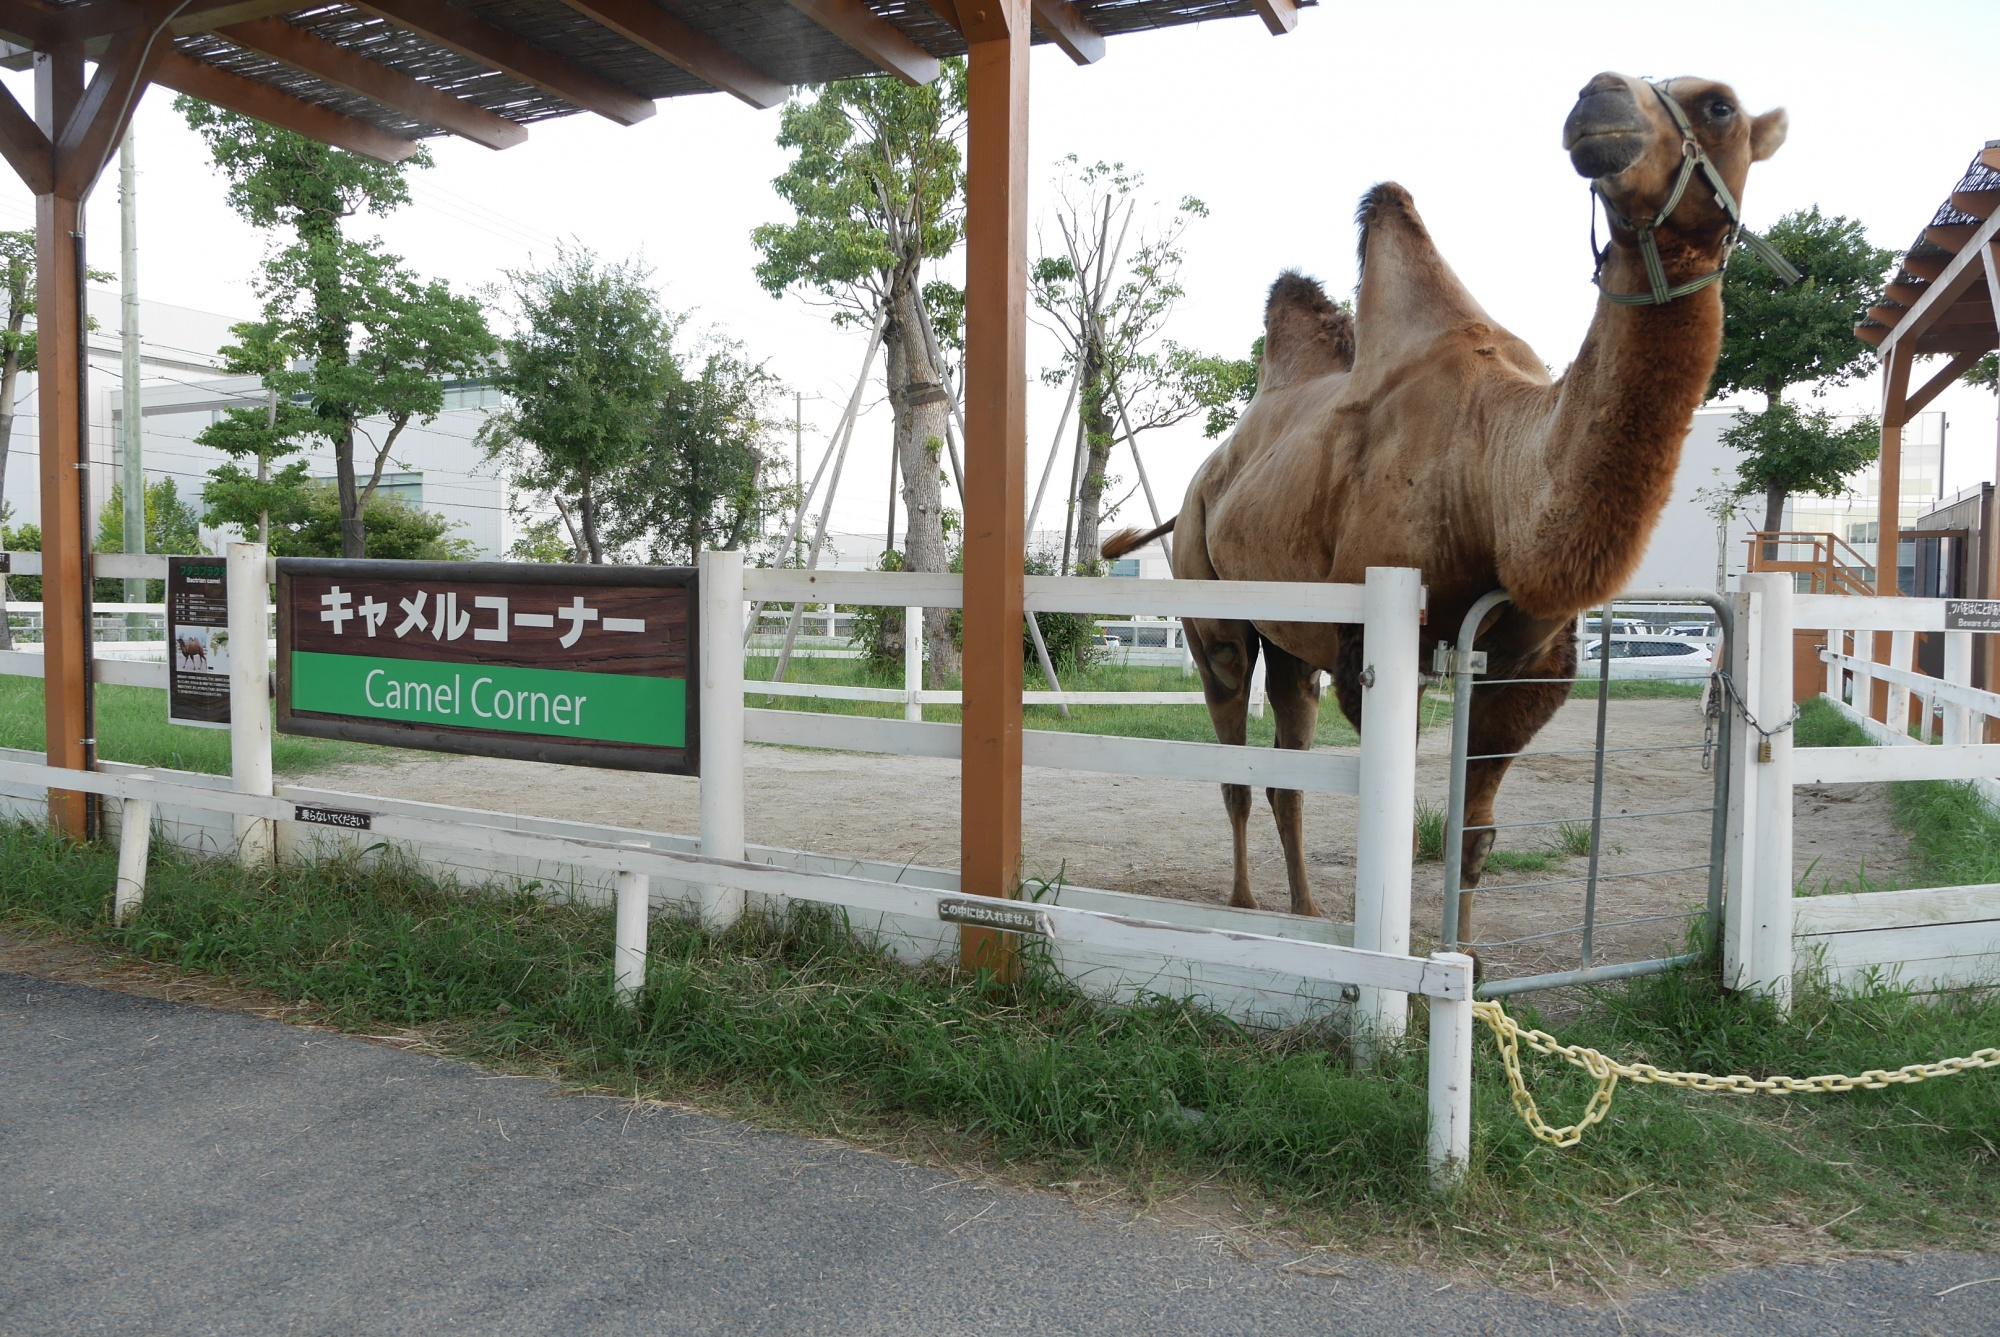 キャメルコーナー(Camel Corner)